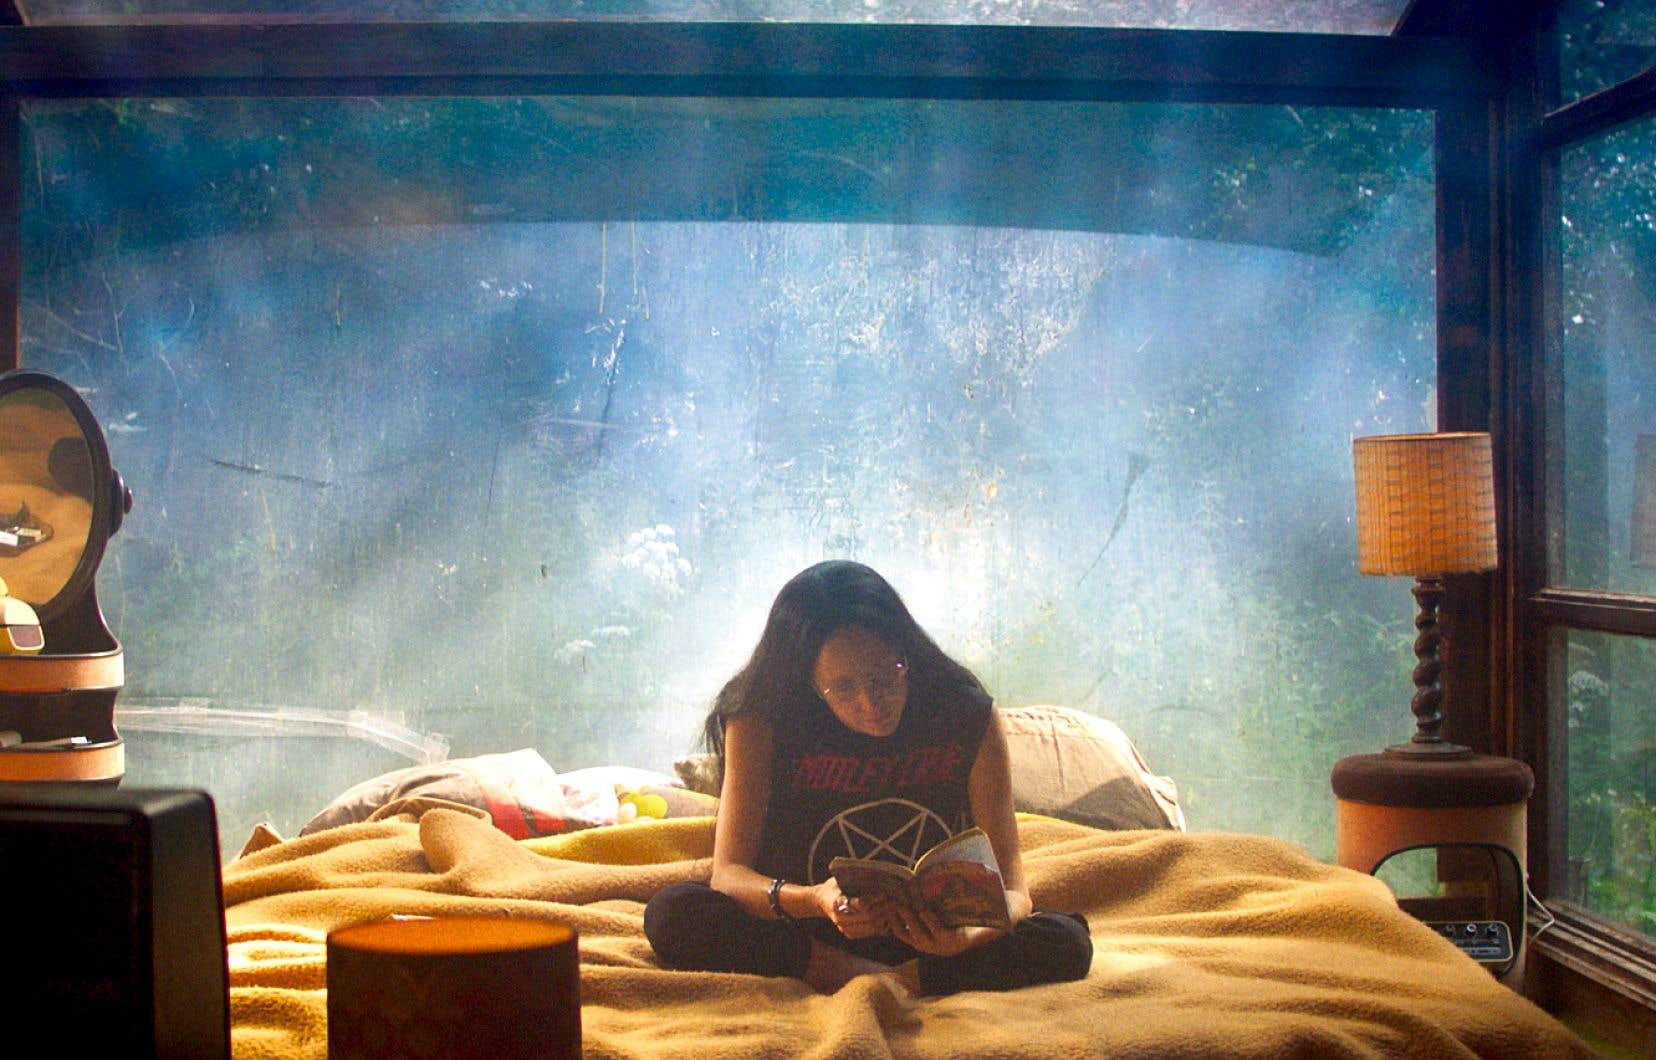 L'actrice Andrea Riseborough incarne Mandy, une illustratrice dans le film du même nom du Canadien Panos Cosmatos.